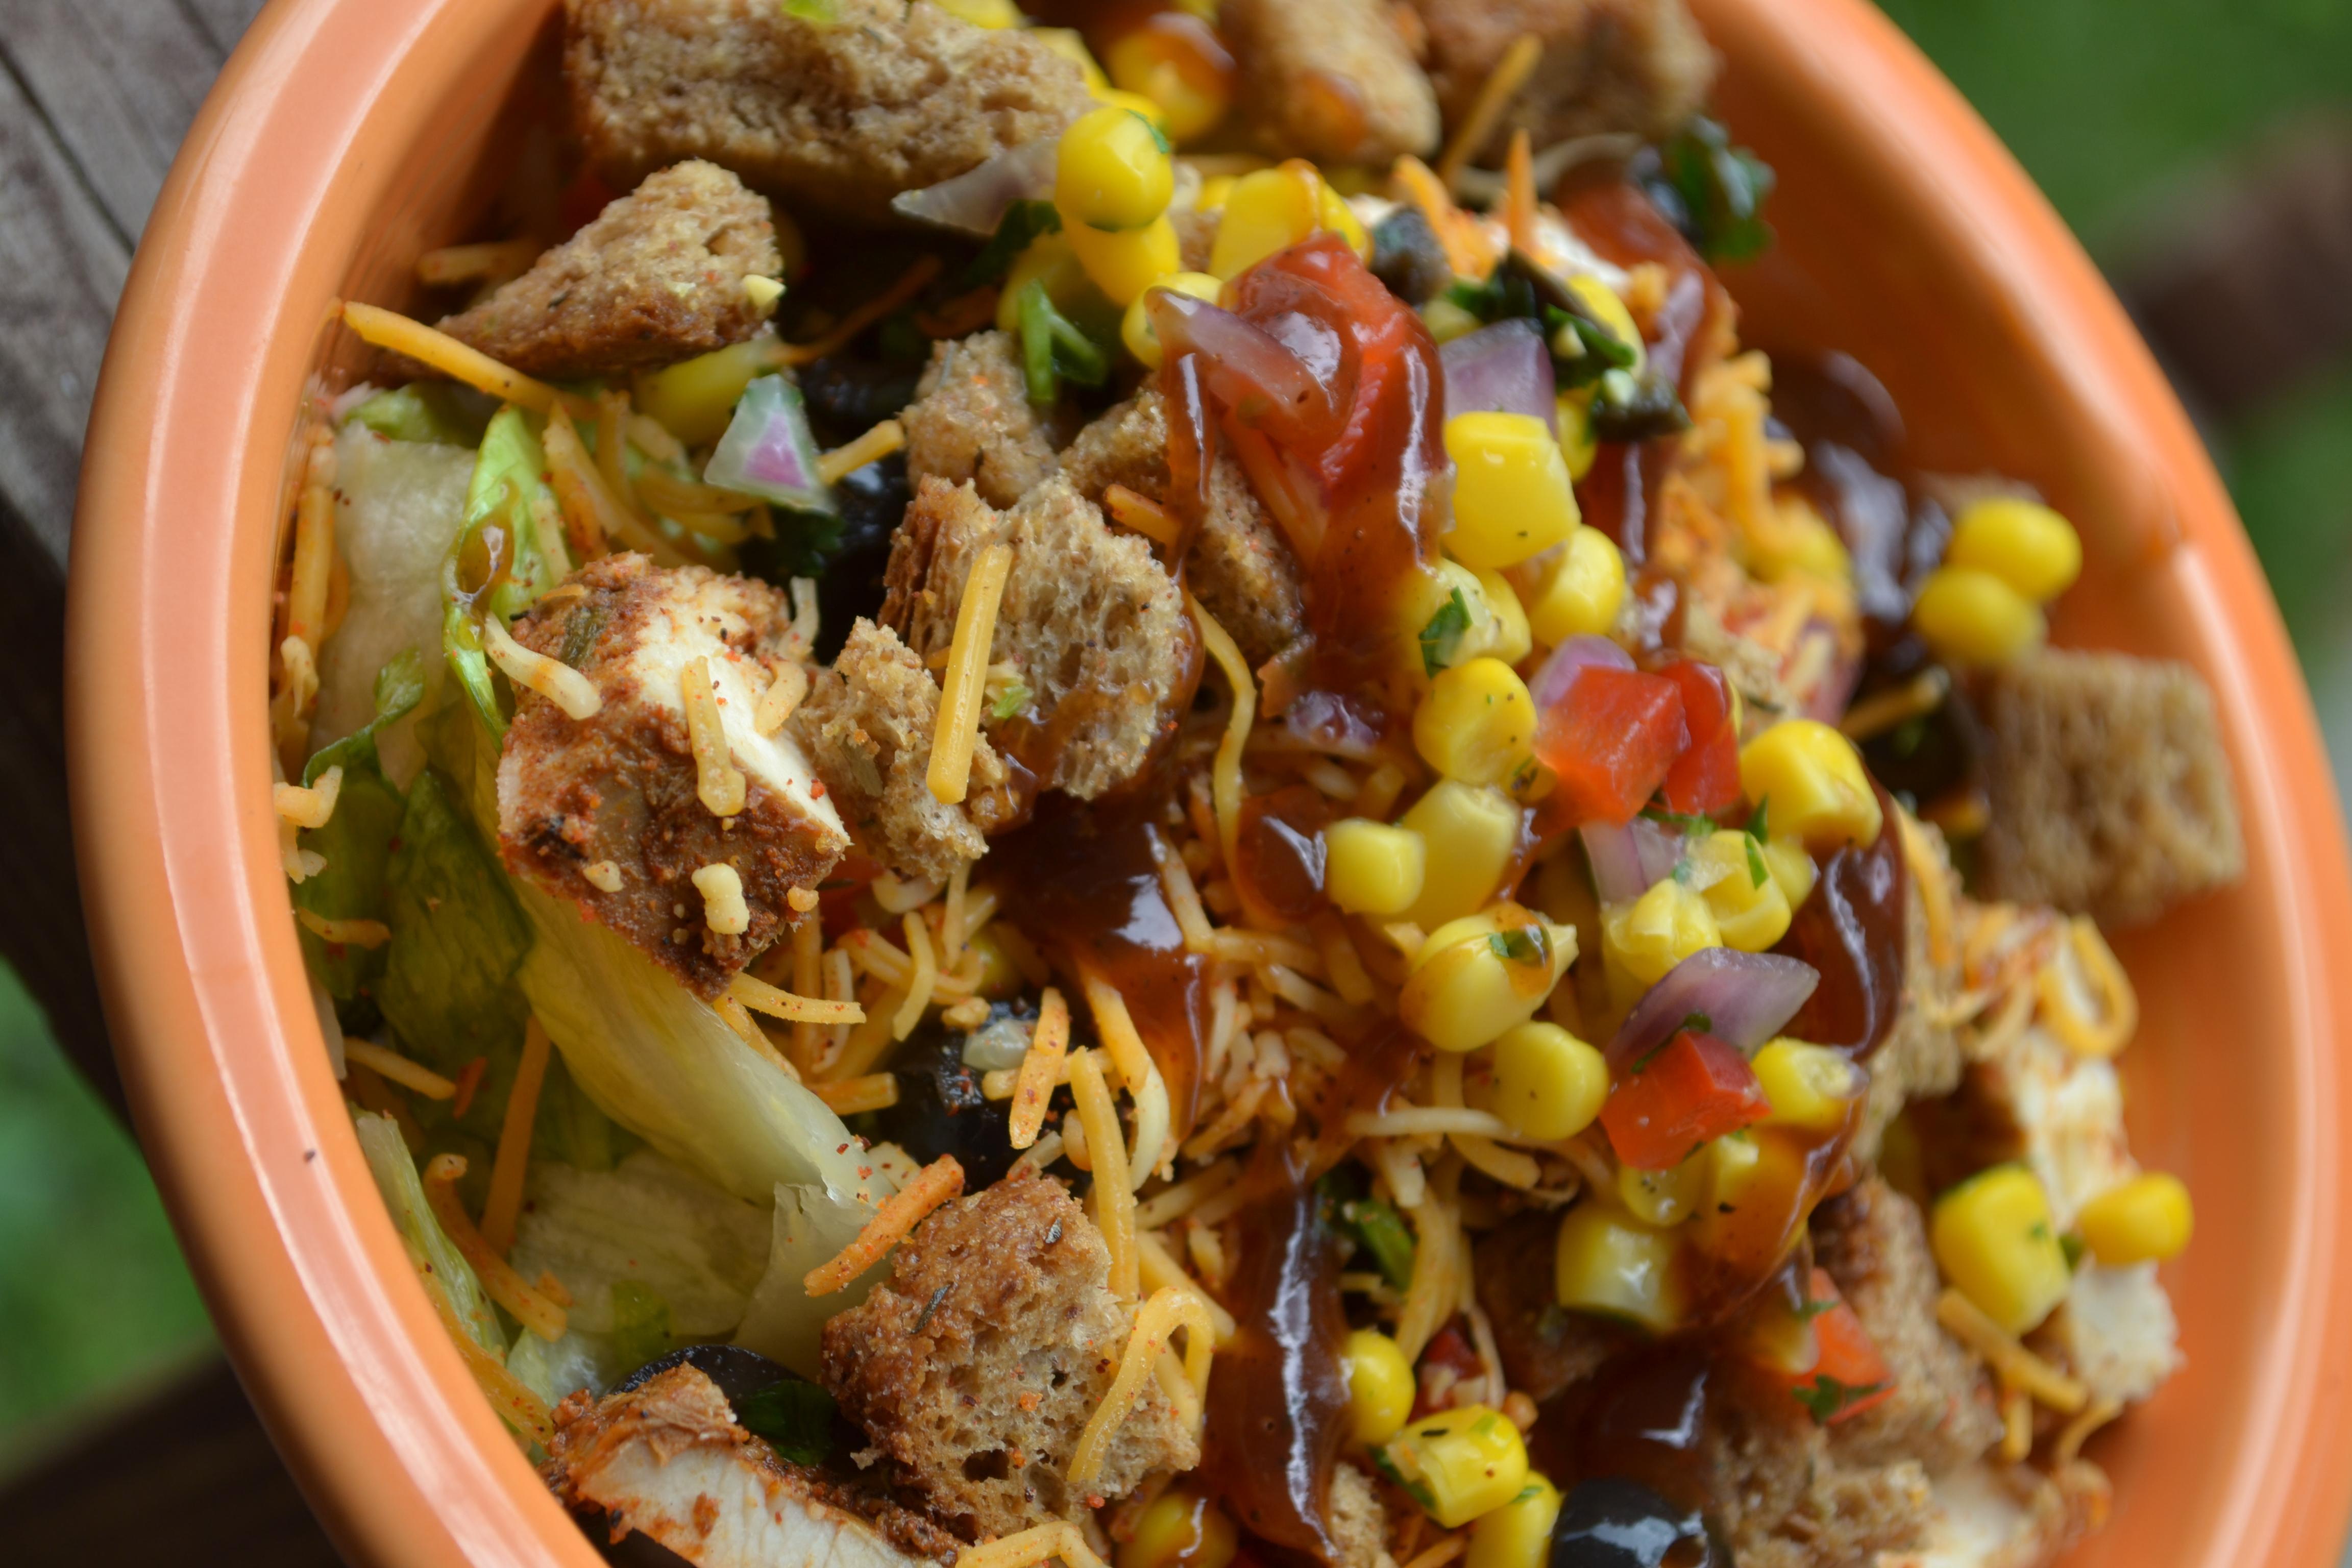 Tex Mex Salad with corn salsa